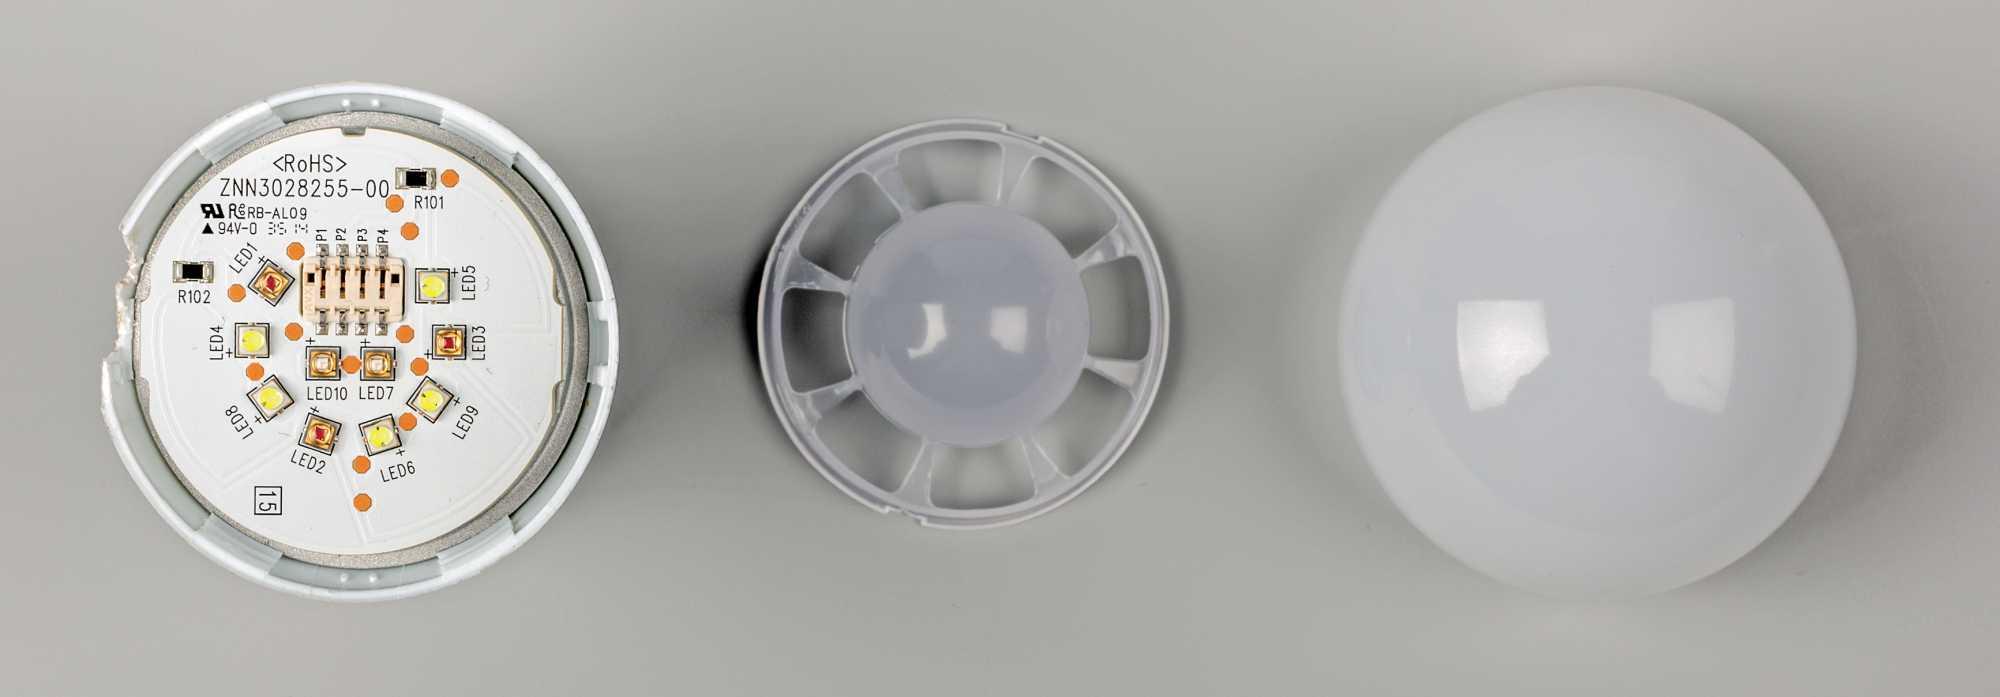 In der farbigen LED-Lampe sitzen blaue LED-Chips mit gelbem Phosphor, LEDs mit rotem Phosphor für das wärmere Licht und rein blaue LEDs. Die innere Diffusorkappe mischt das Licht der farbigen LEDs zusammen, die diffuse Lampenhülle verteilt das gesamte Licht gleichmäßig im Raum.